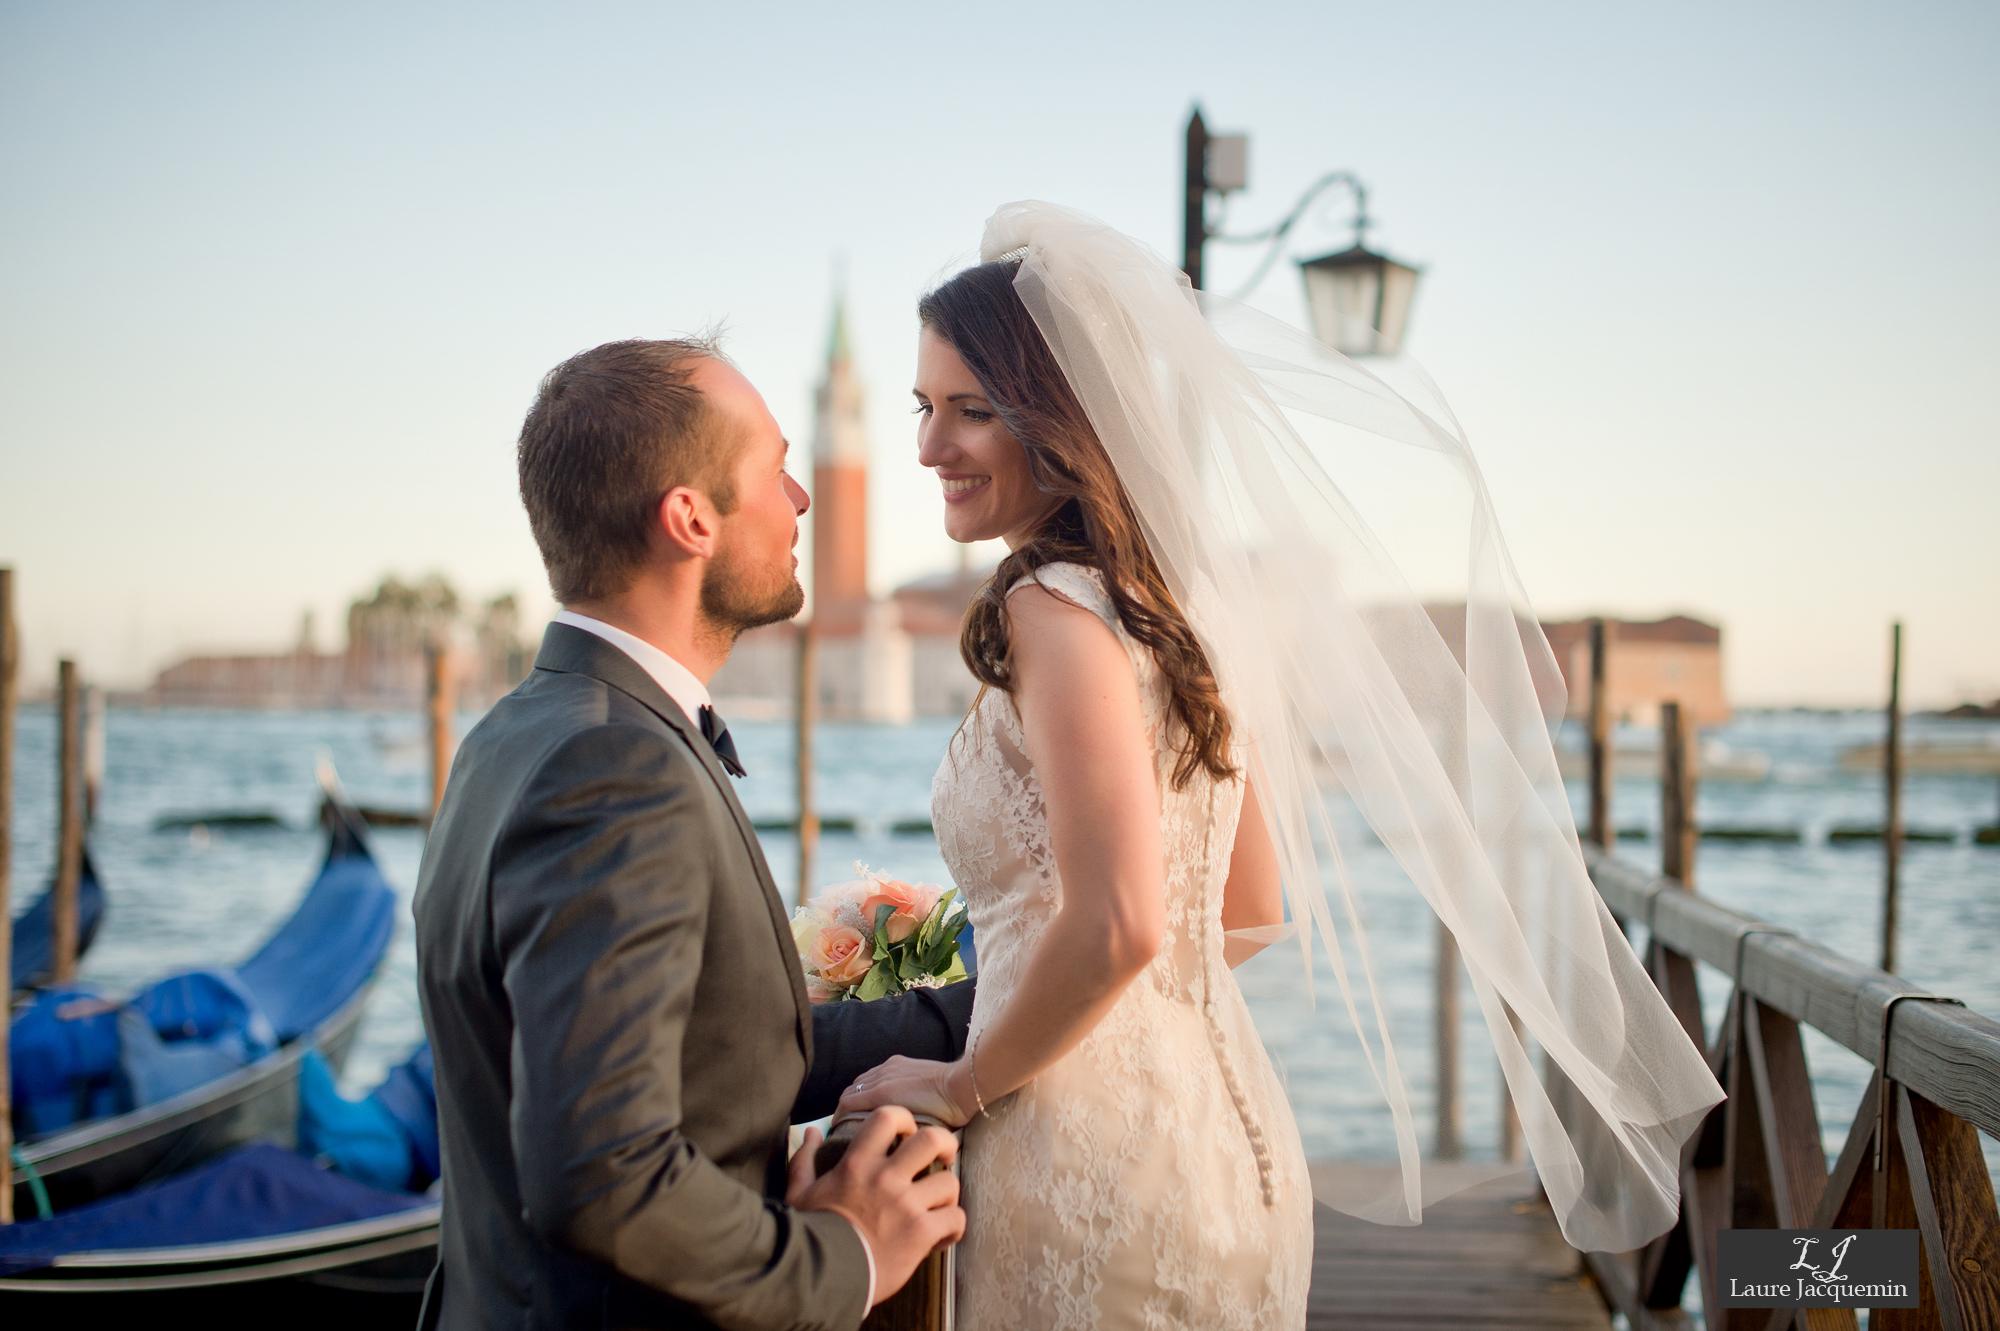 photographe mariage laure jacquemin palazzo cavalli service photographique (106)